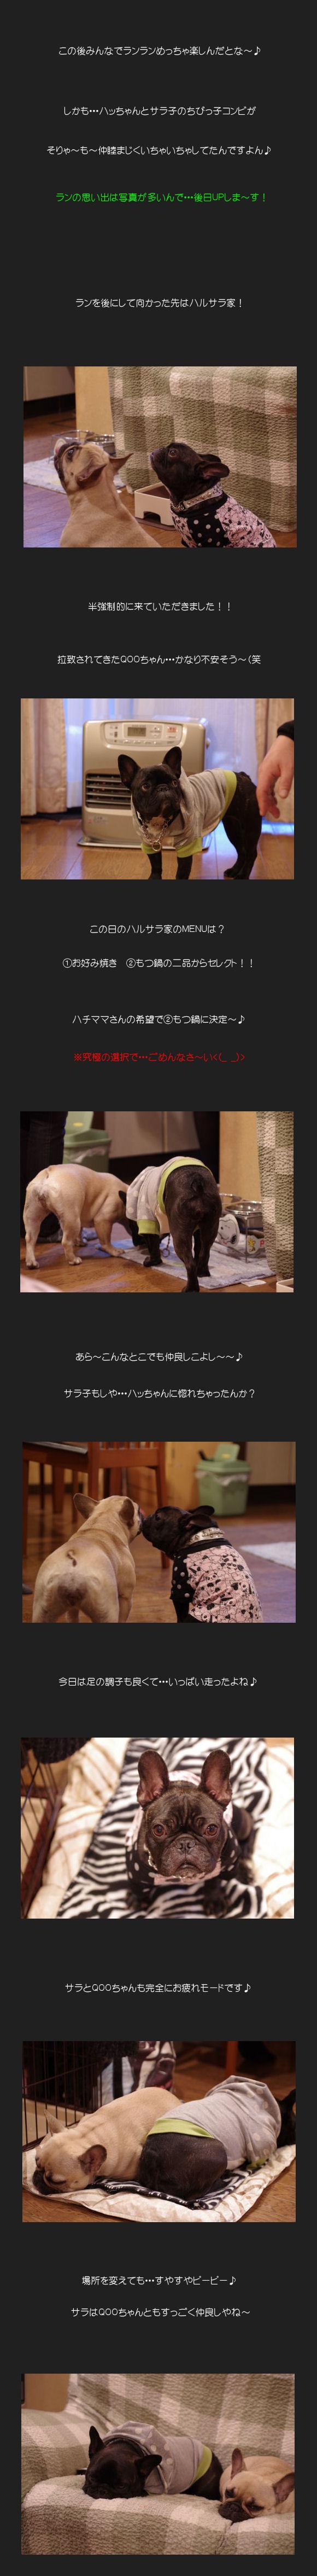 京都de初デートB